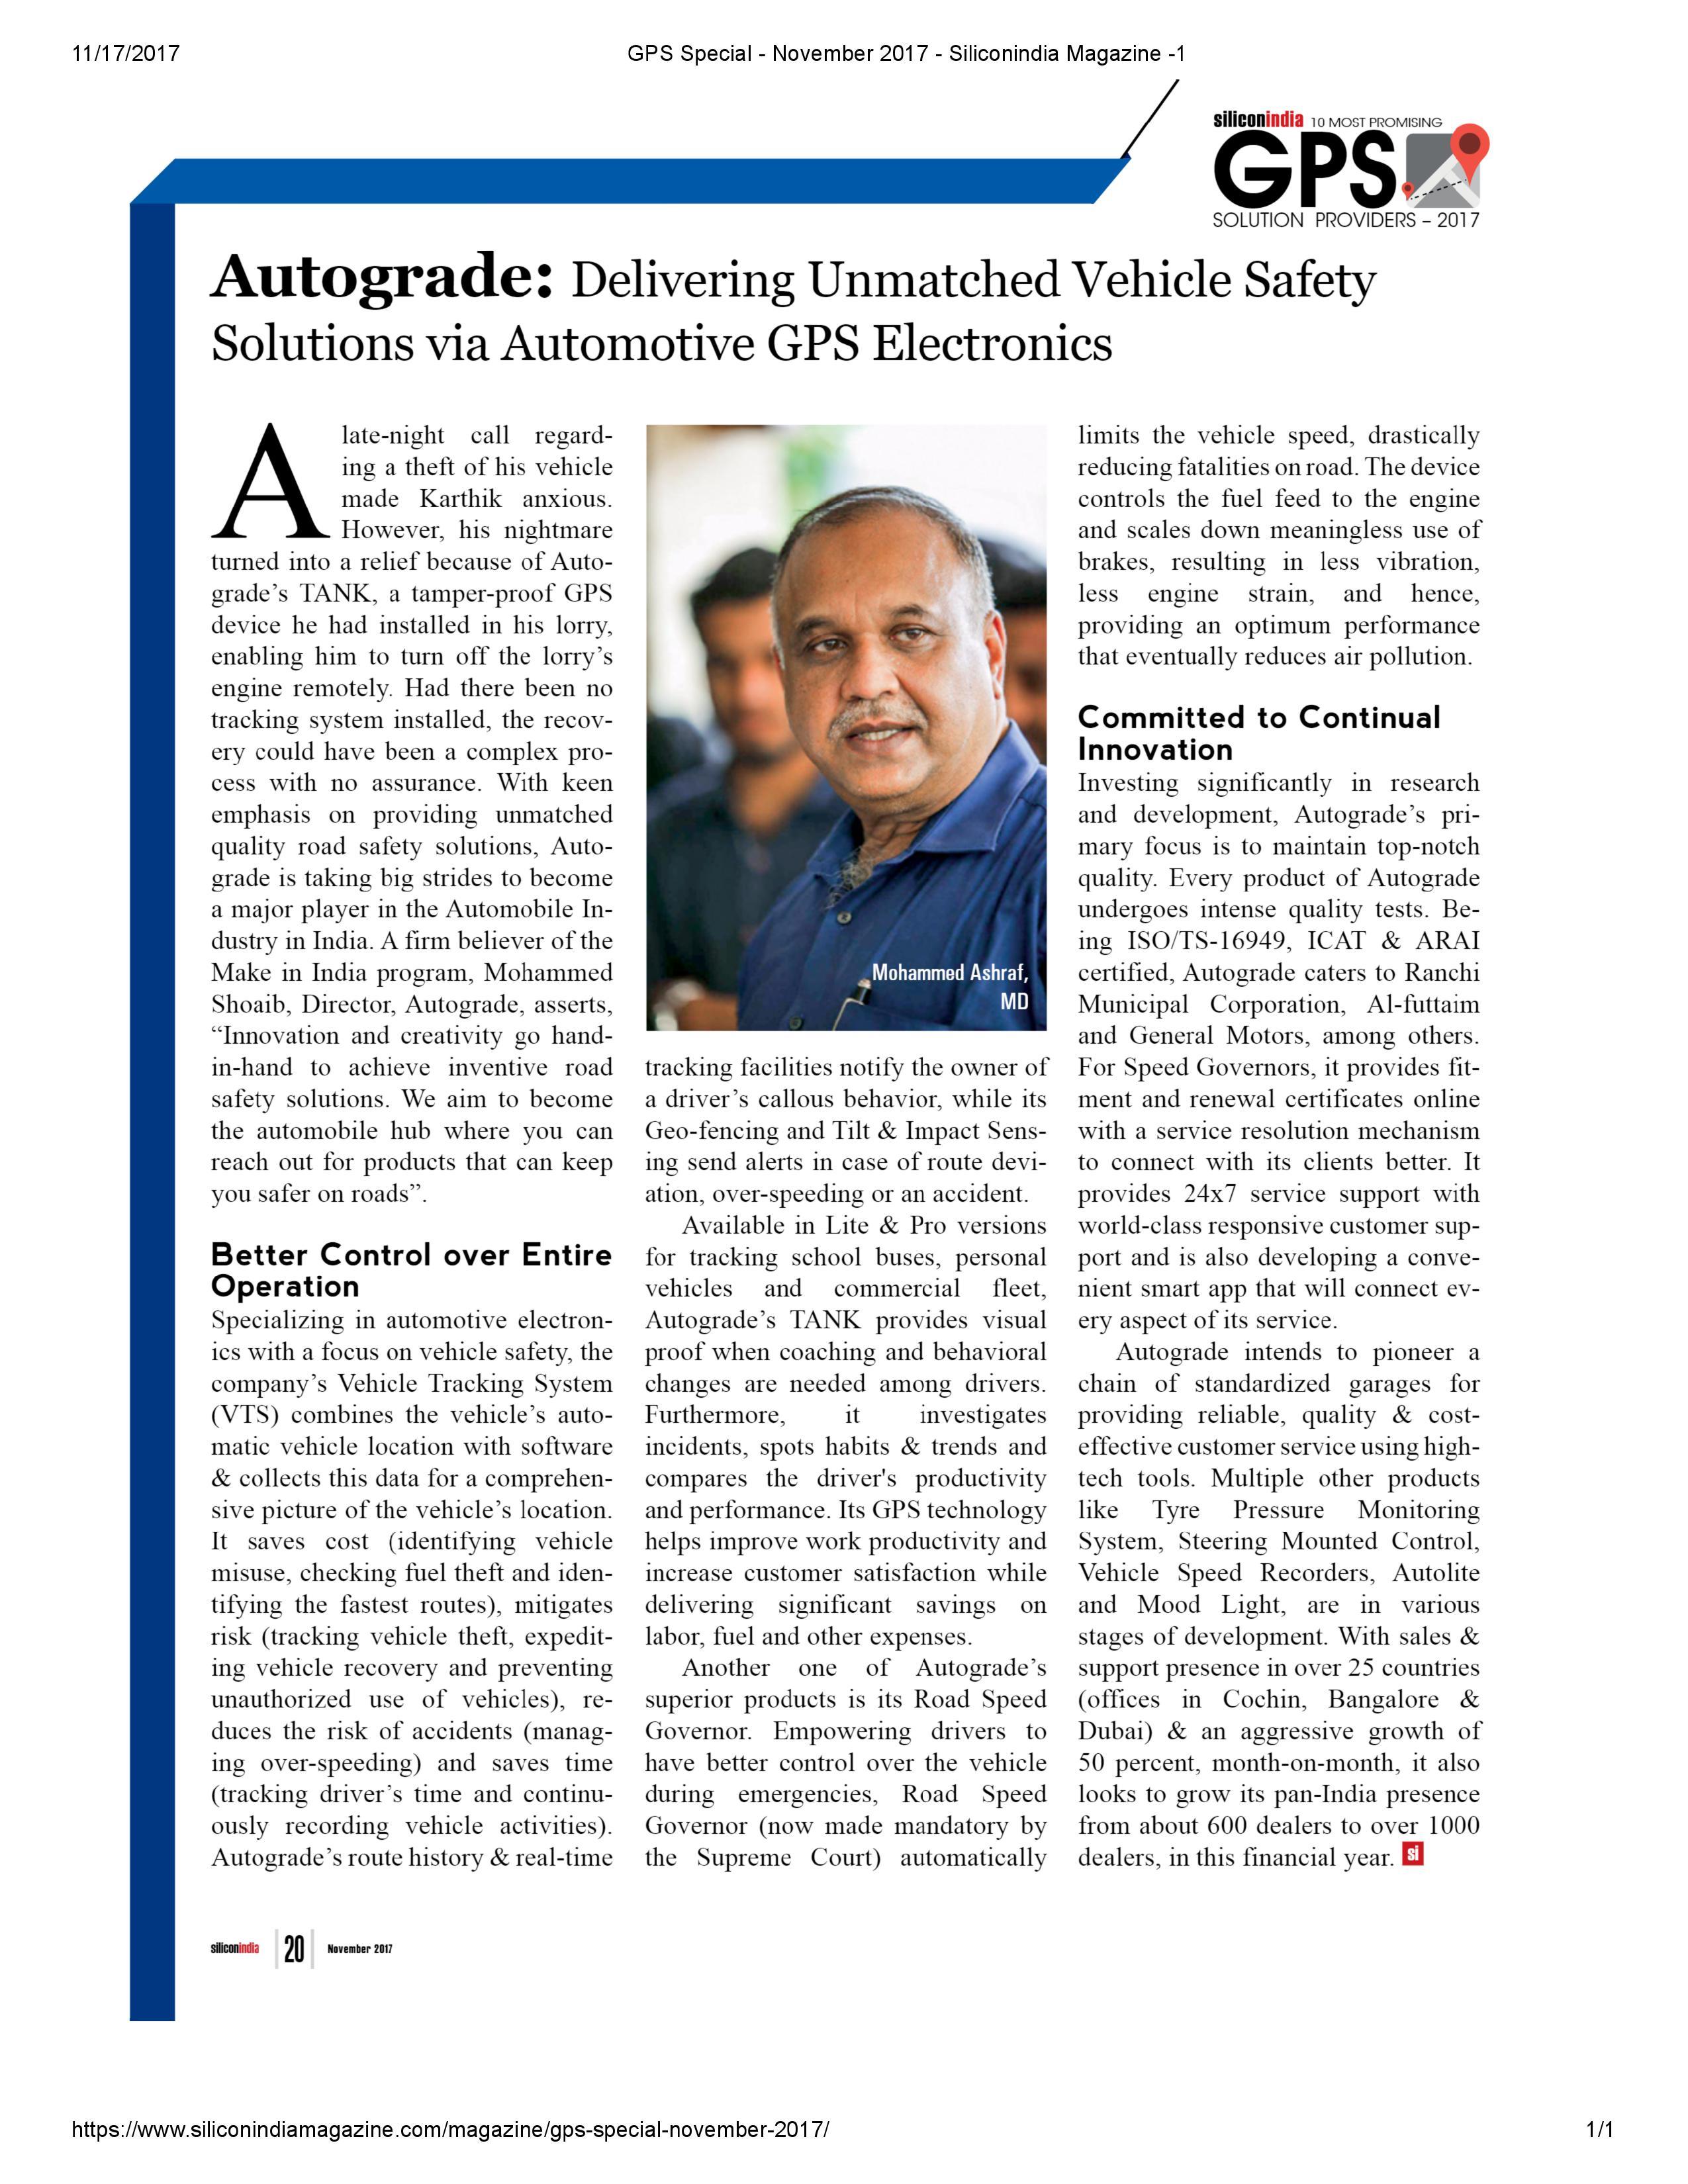 Silicon magazine article